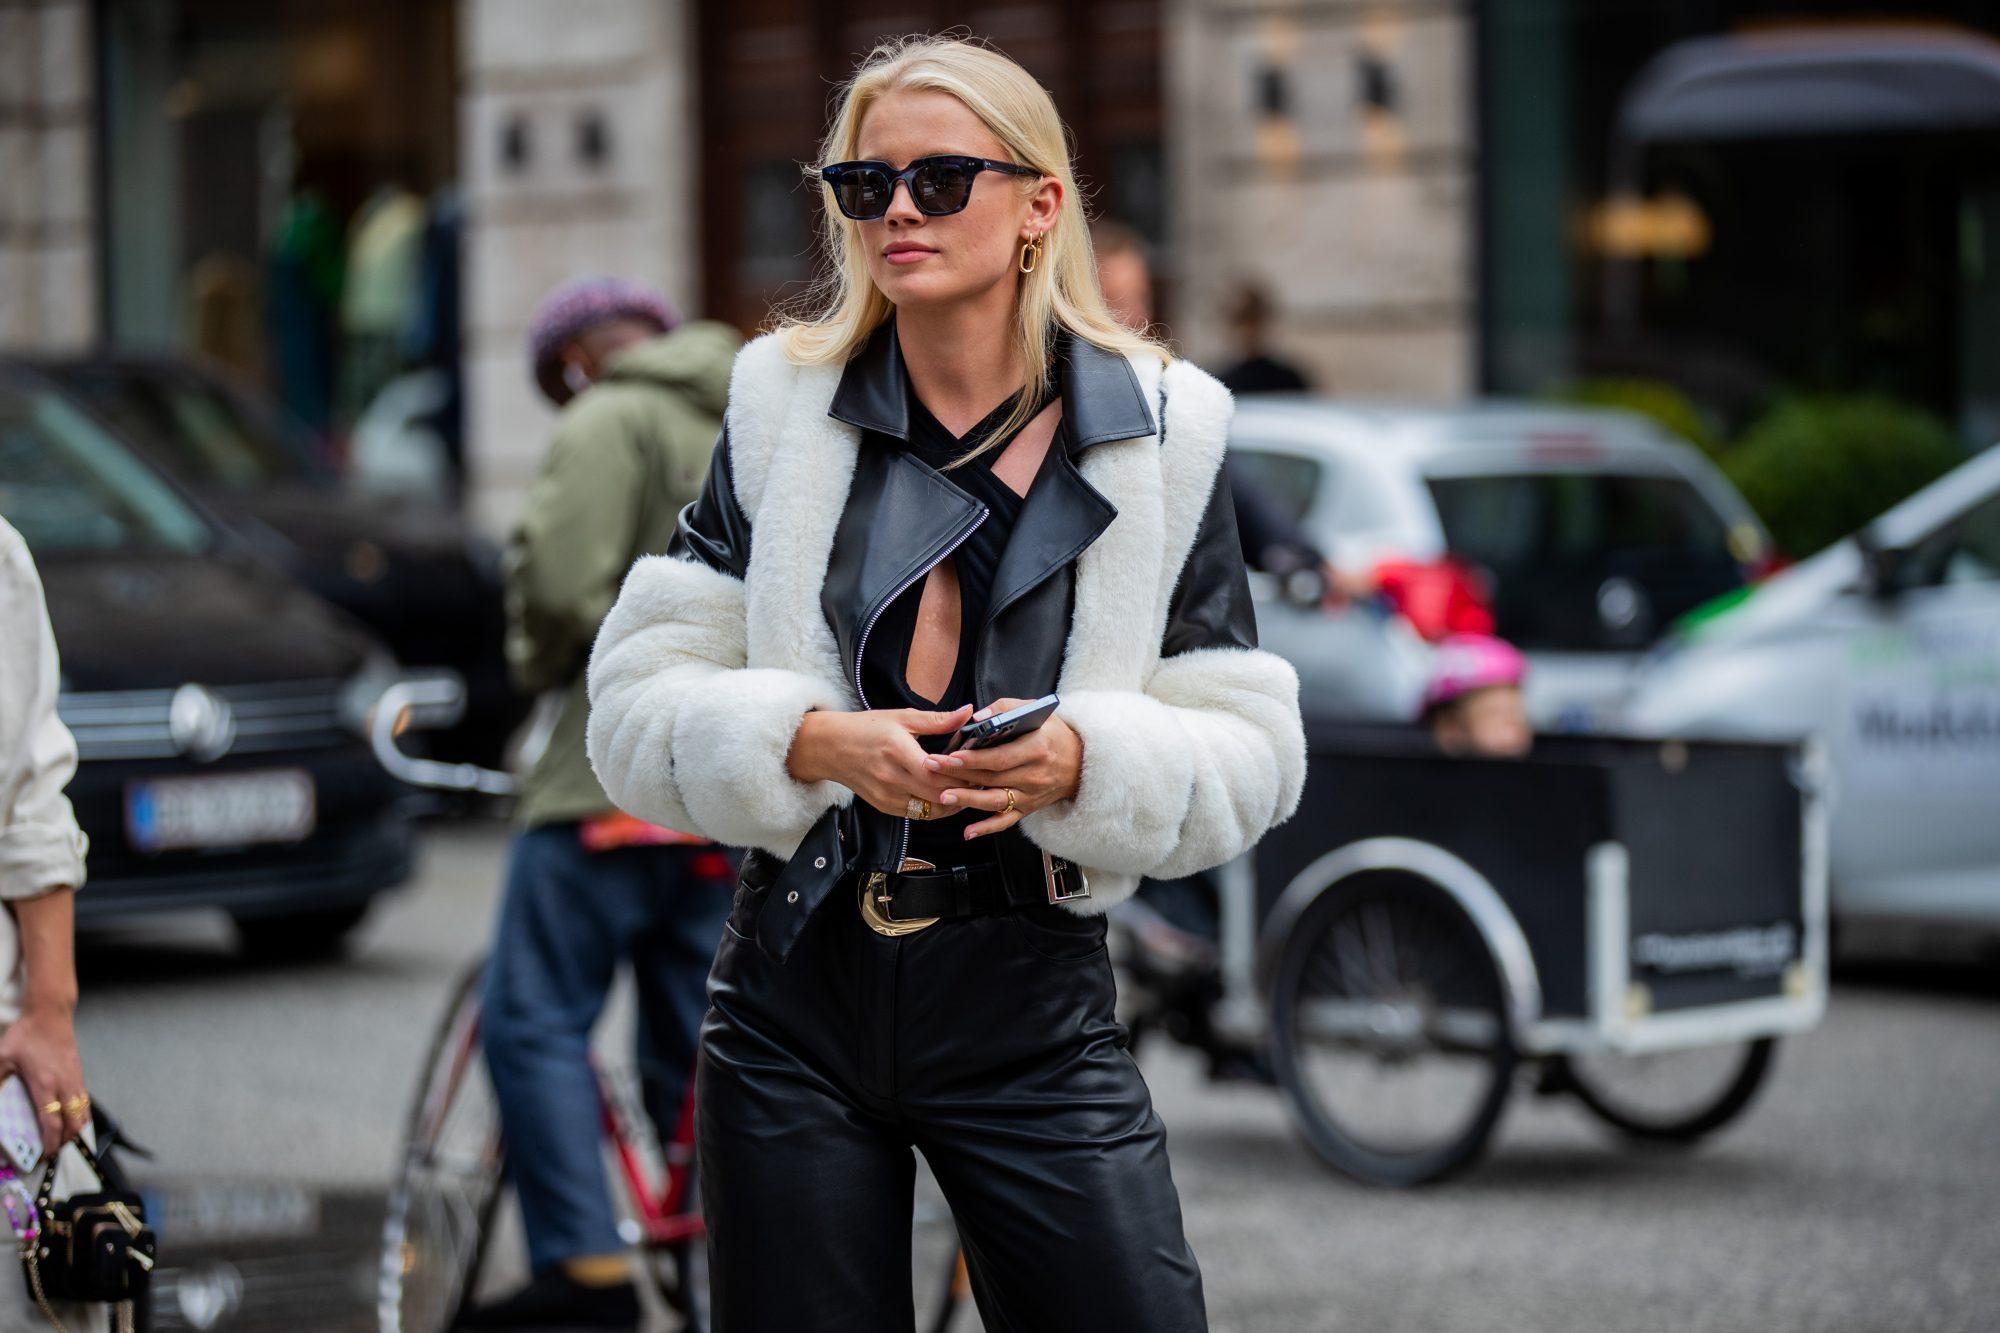 10 δερμάτινα jackets που θα αγοράσεις σήμερα αλλά θα φοράς για πάντα Τα πιο δημοφιλή πανωφόρια αυτής της εποχής είναι αδιαμφισβήτητα τα δερμάτινα jackets.